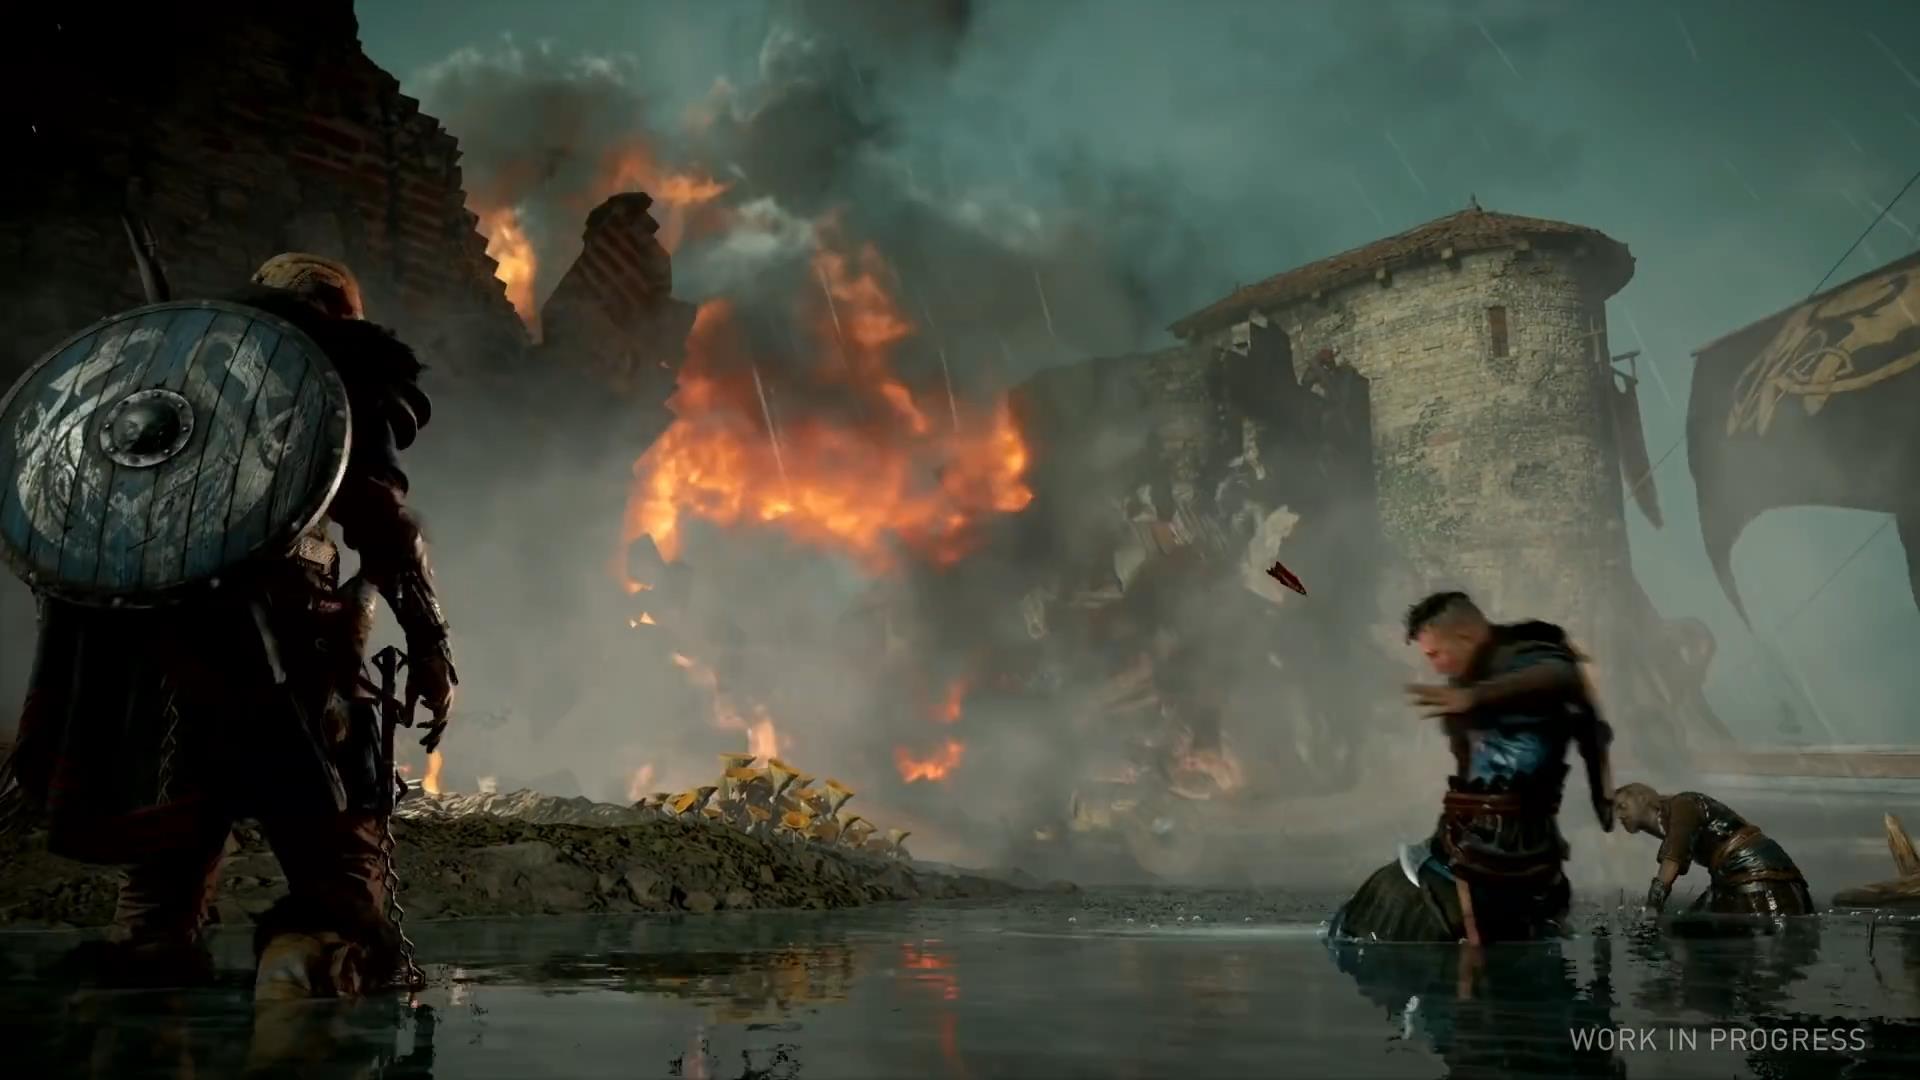 《刺客信条:英灵殿》PC试玩视频 画面美丽效果出众